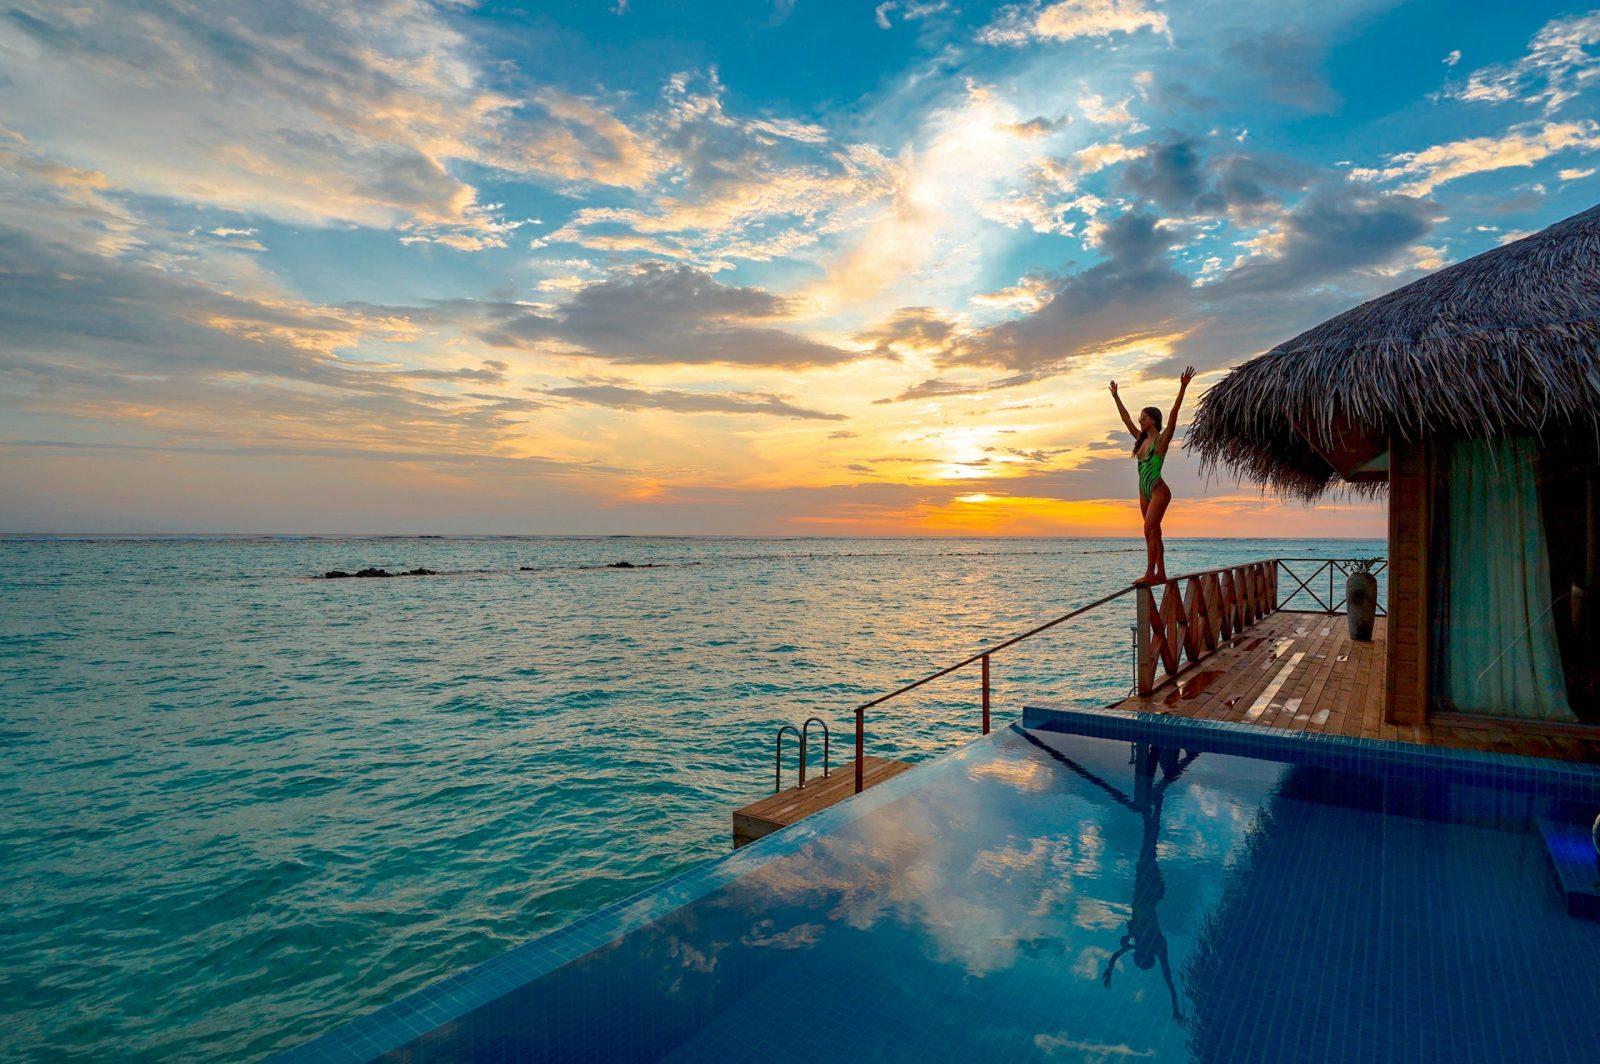 beautiful sunset ocean luxury travel